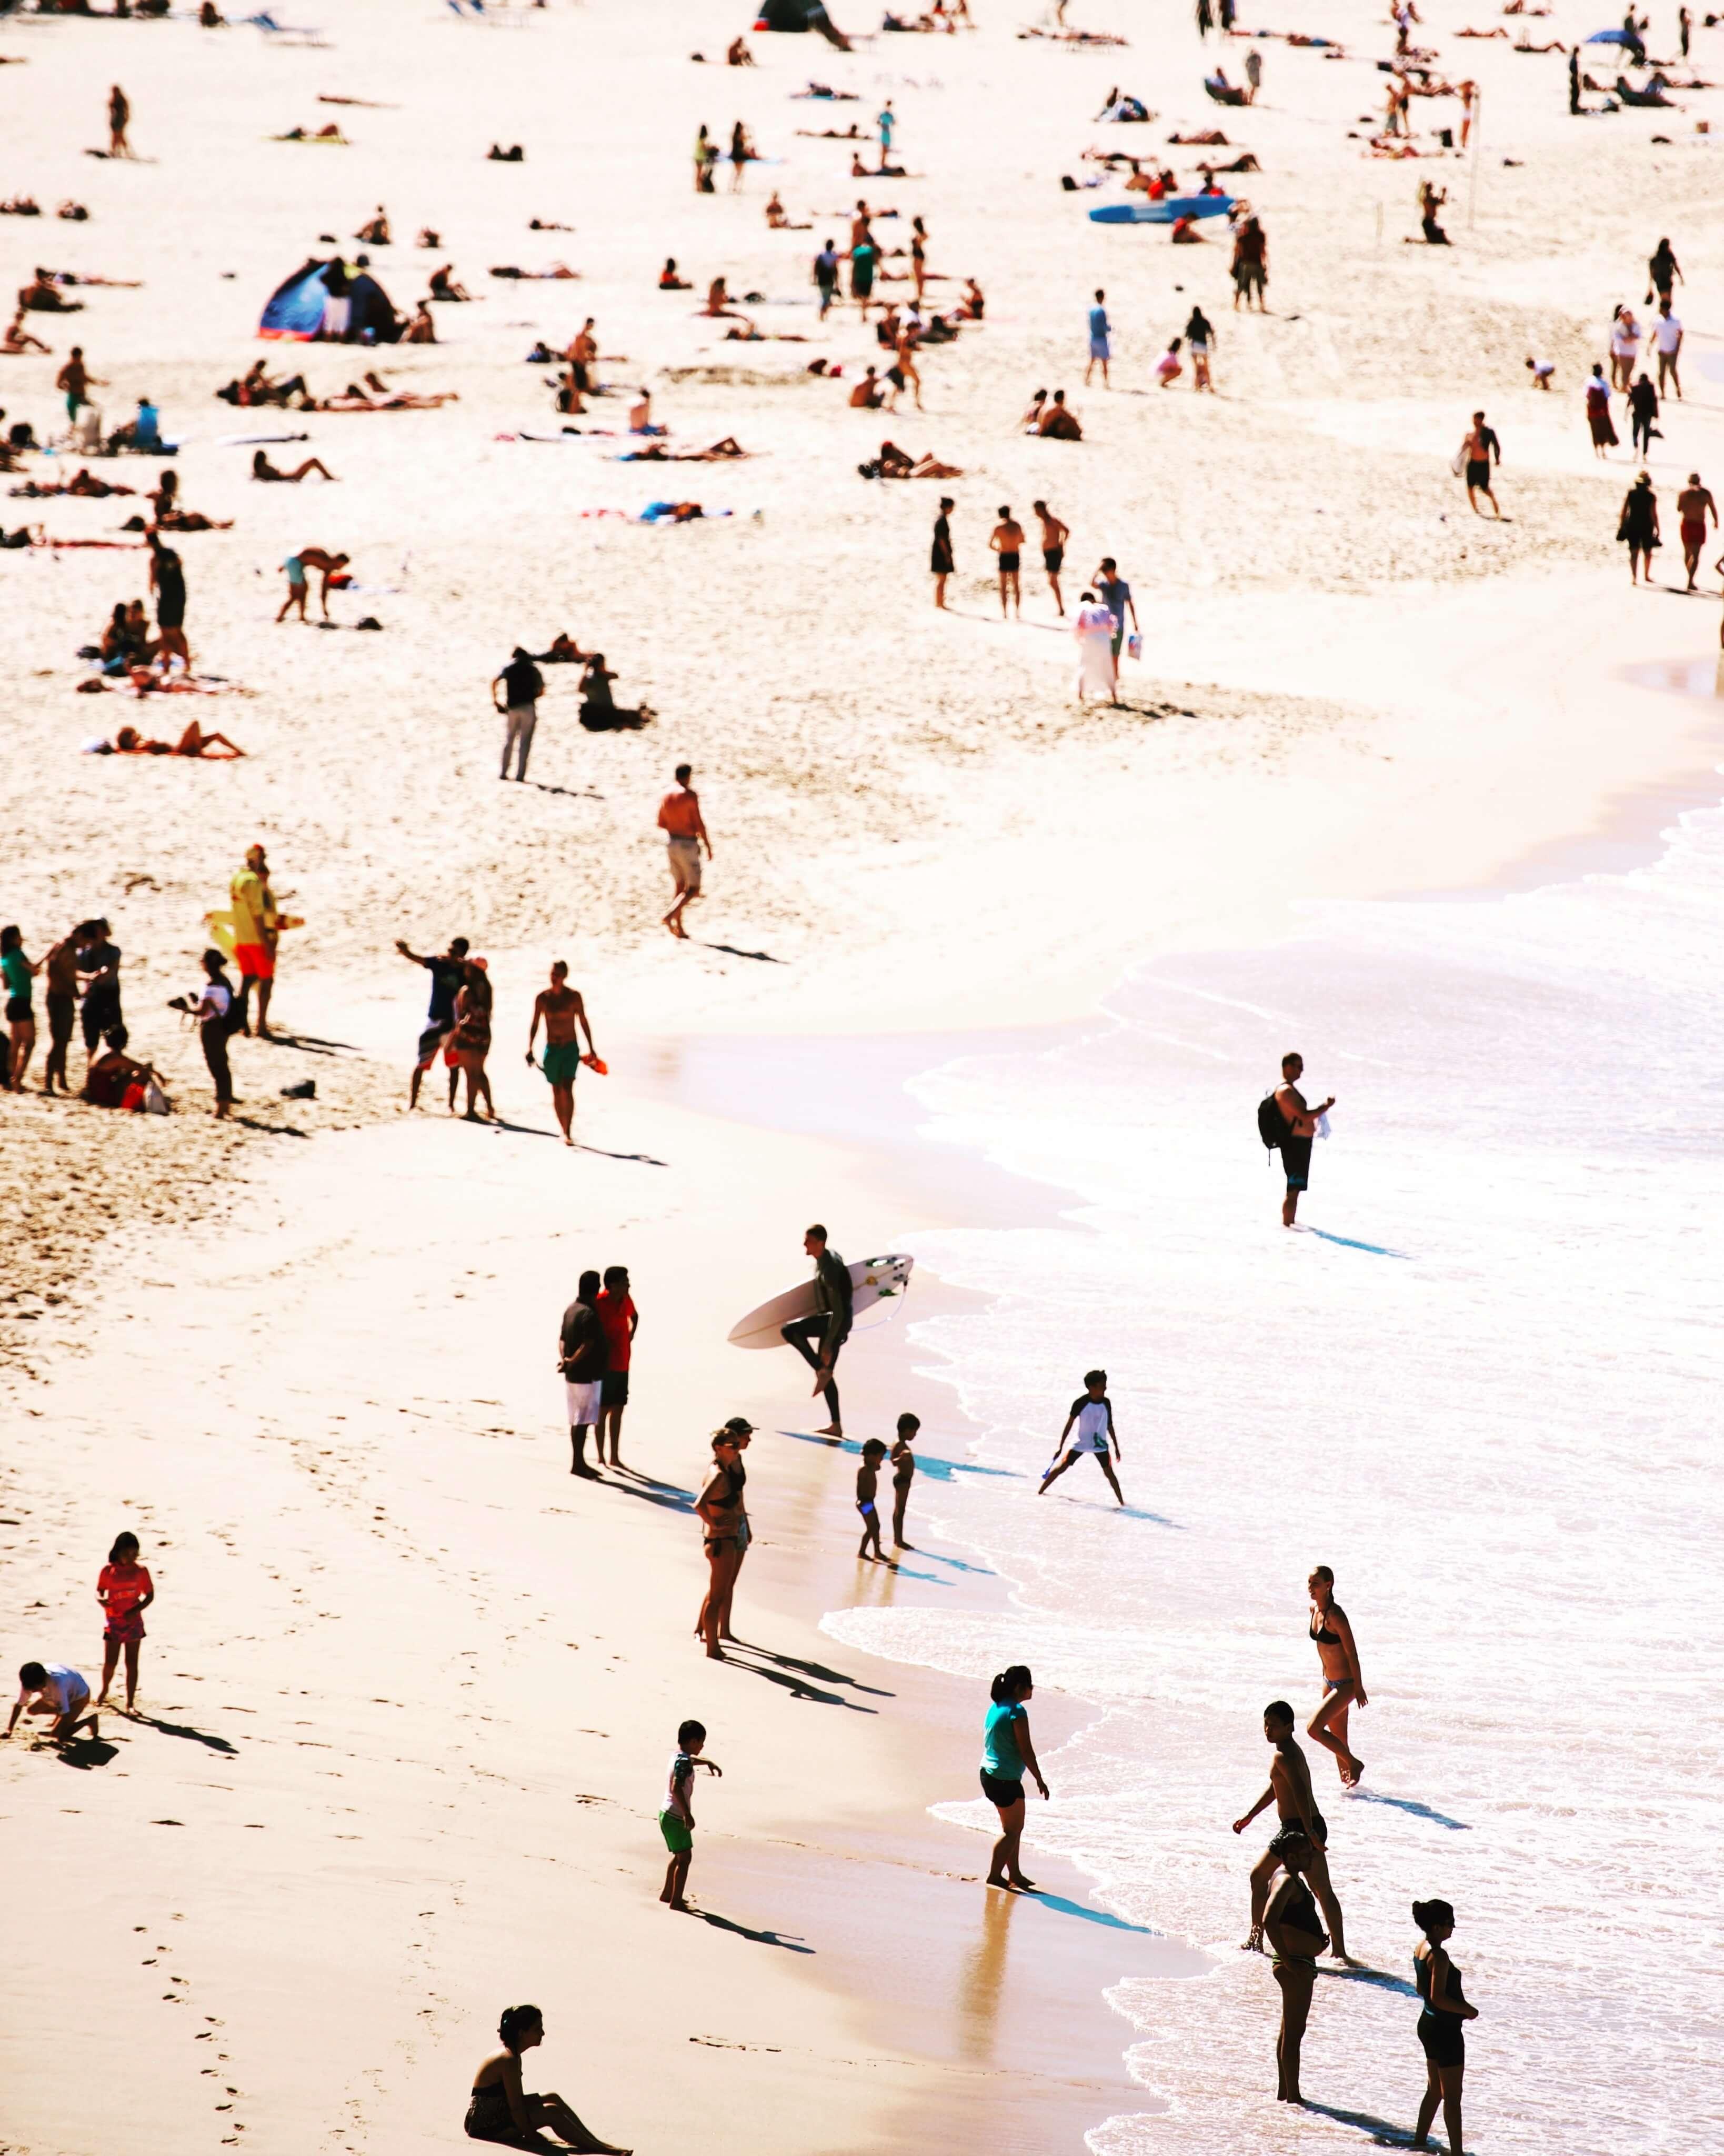 Imagen de una playa australiana muy frecuentada por jóvenes, habitantes locales, estilo de vida